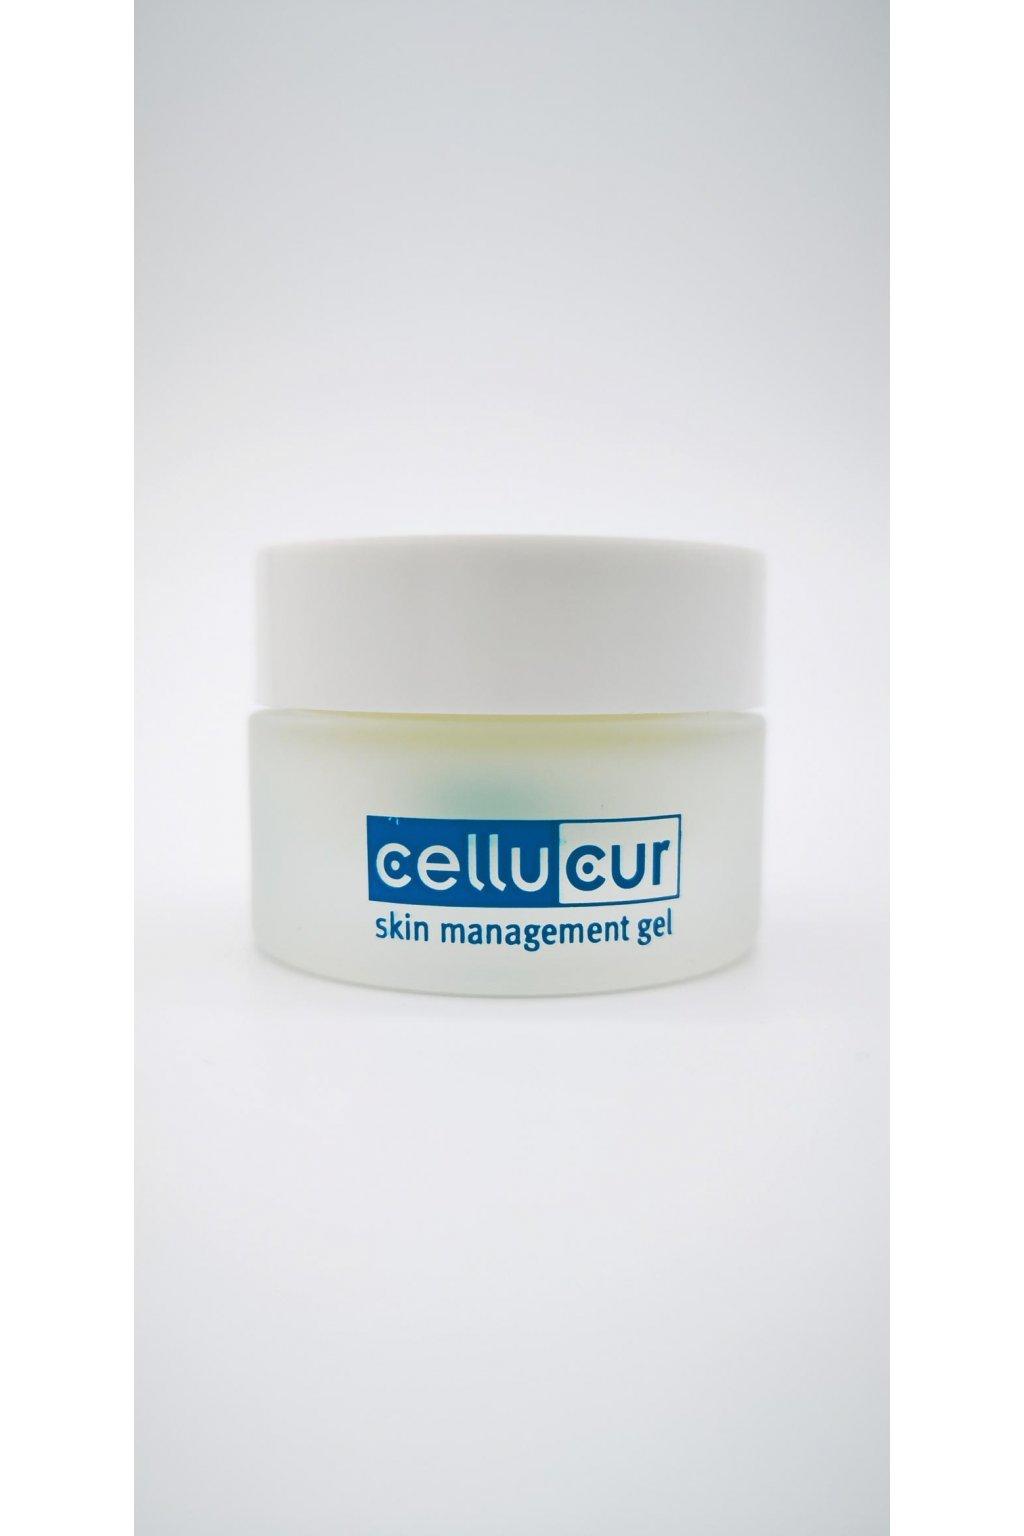 D 50033 skin management gel